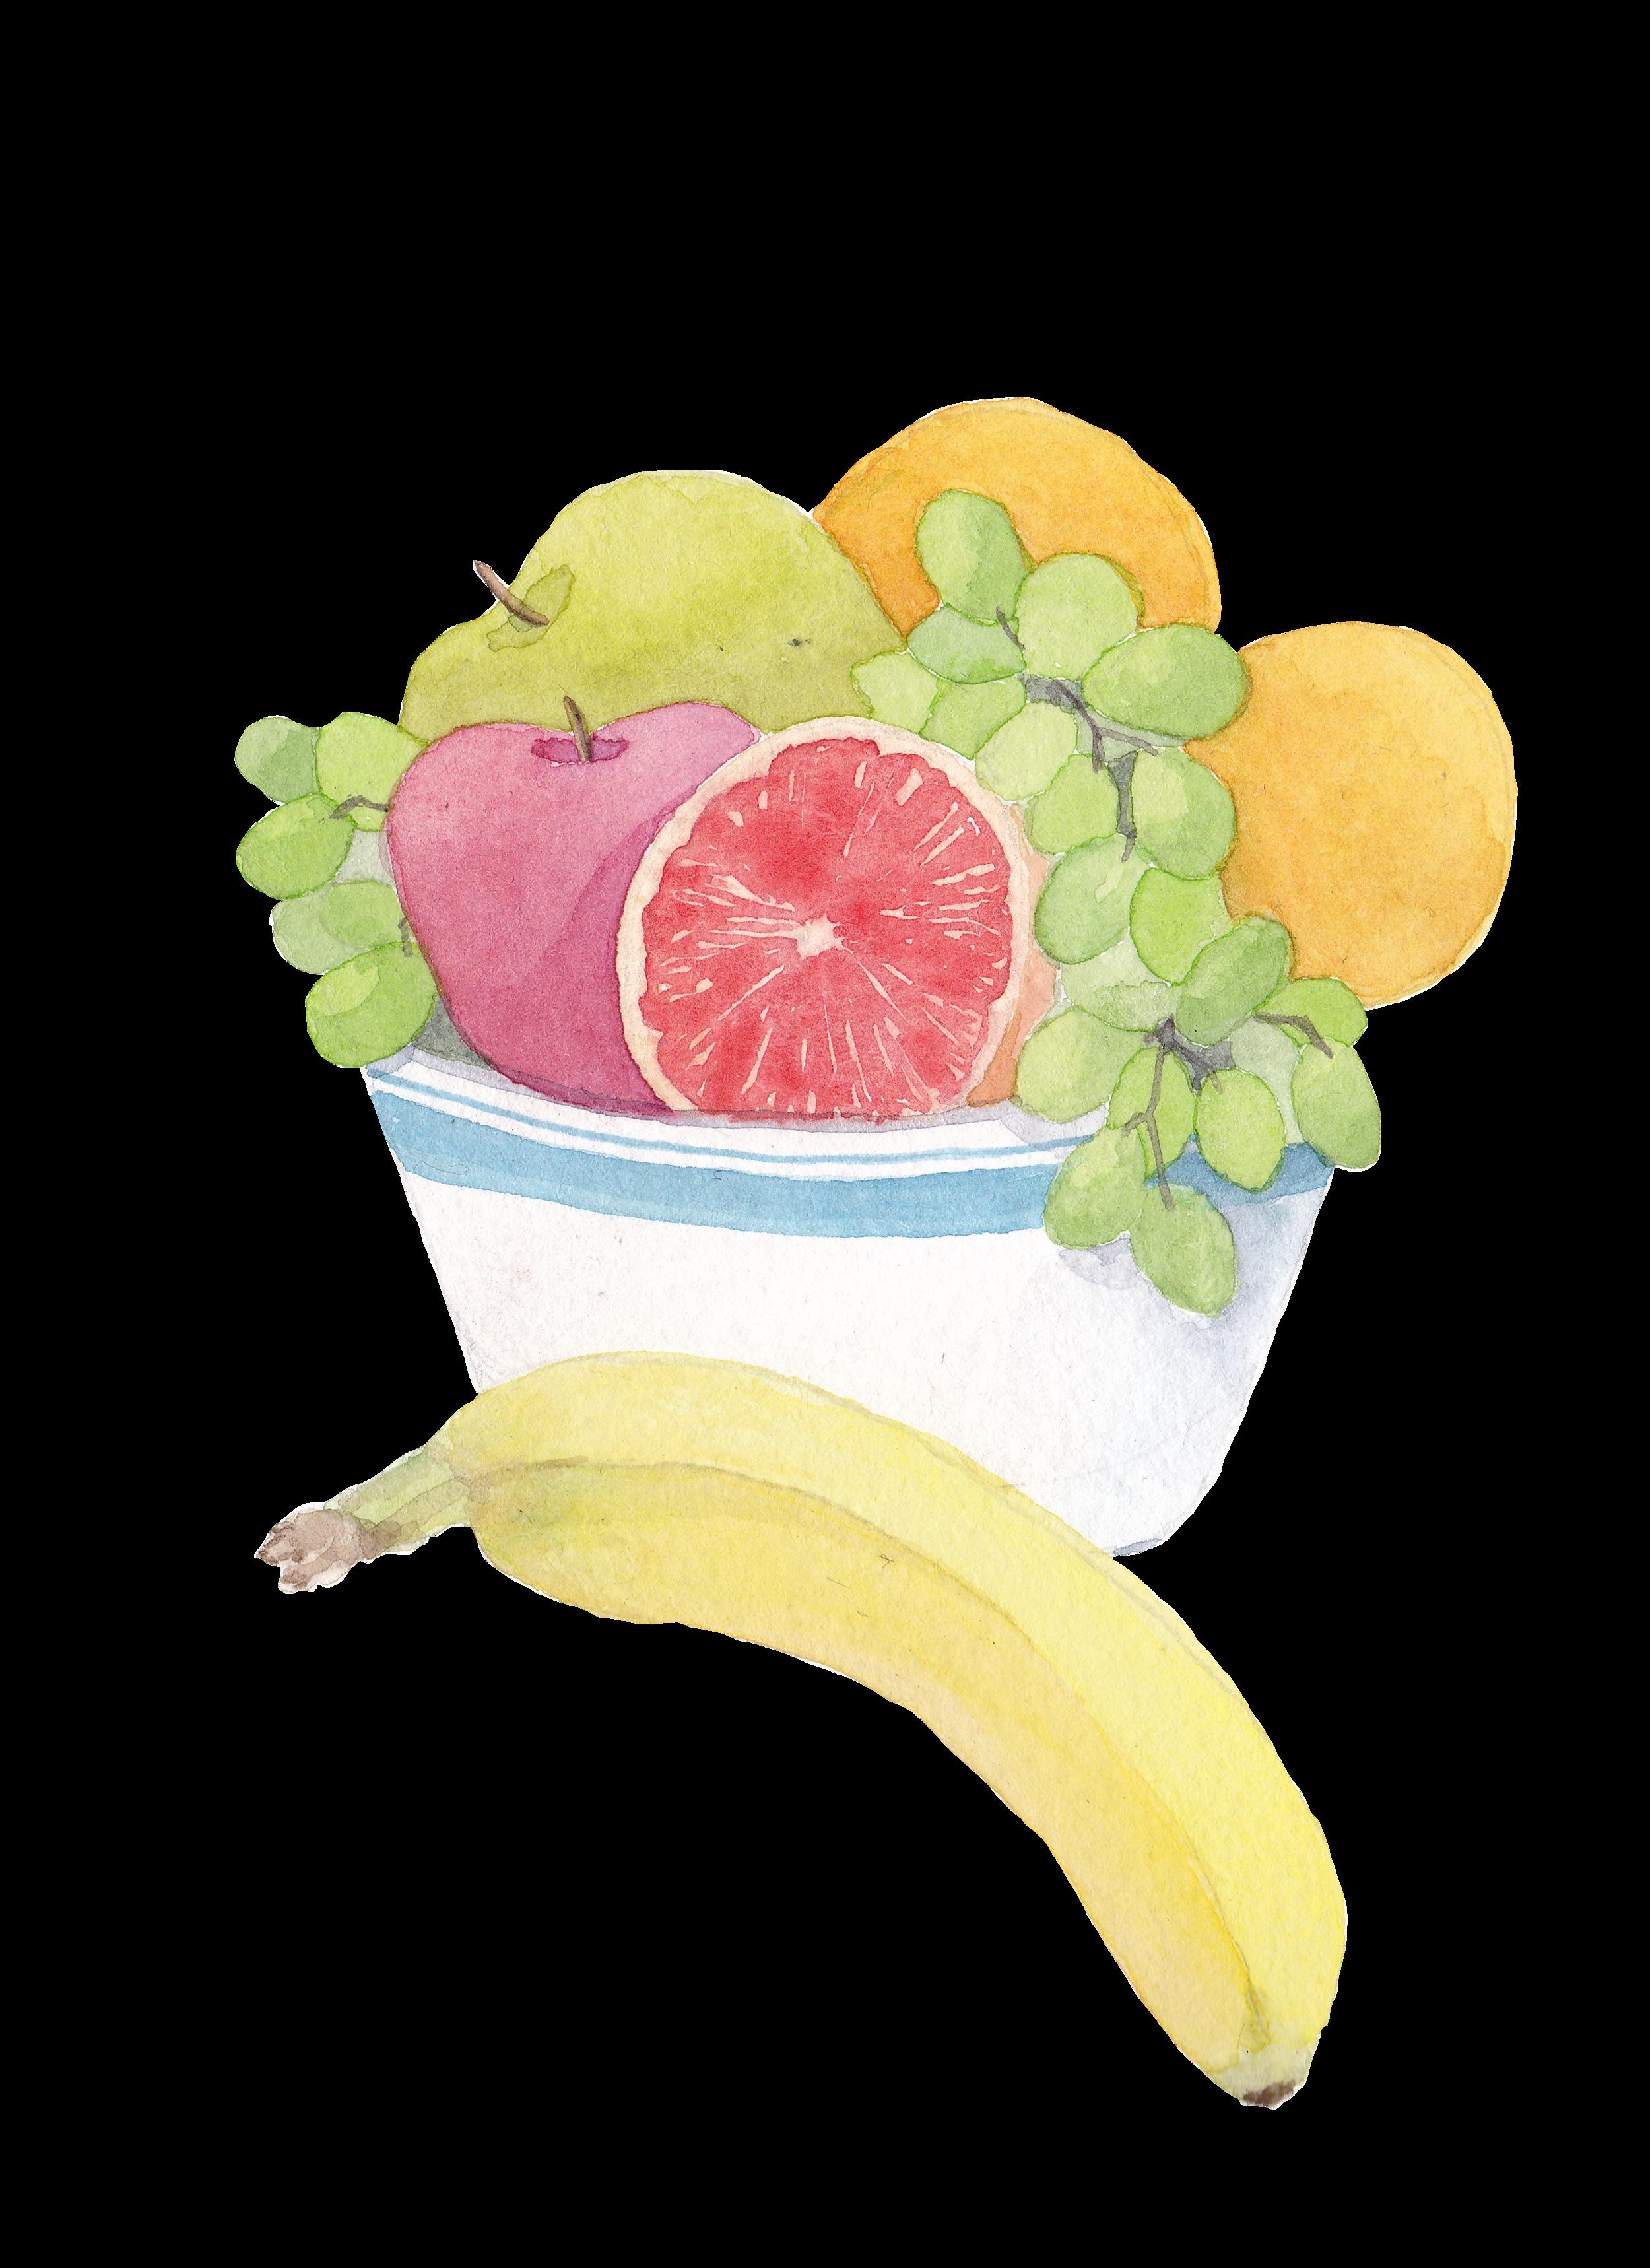 banana out.png